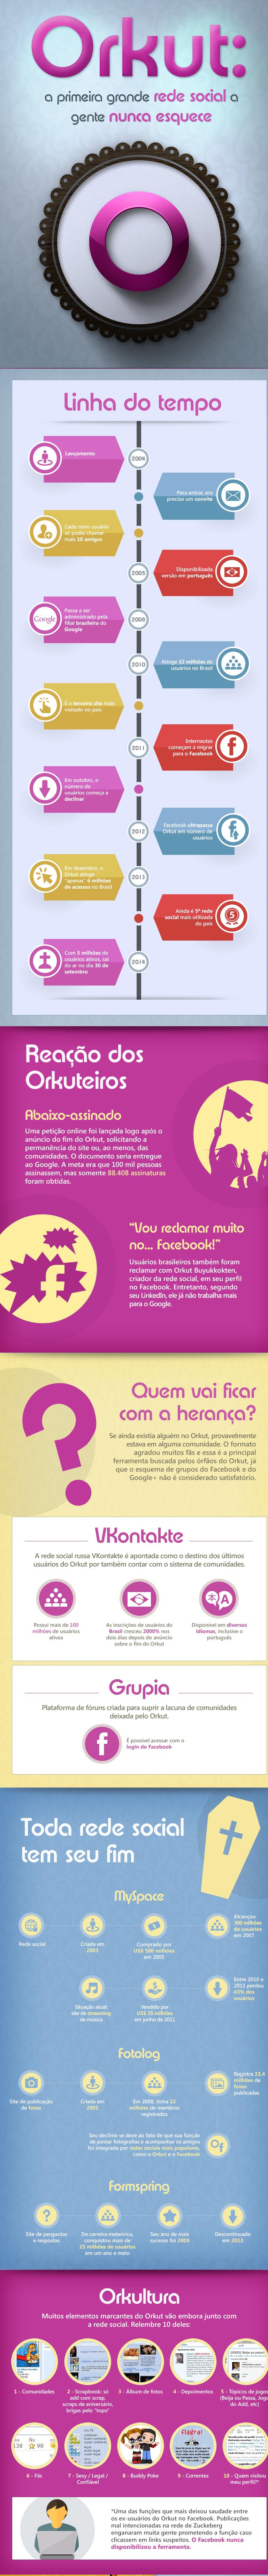 Fim-do-Orkut